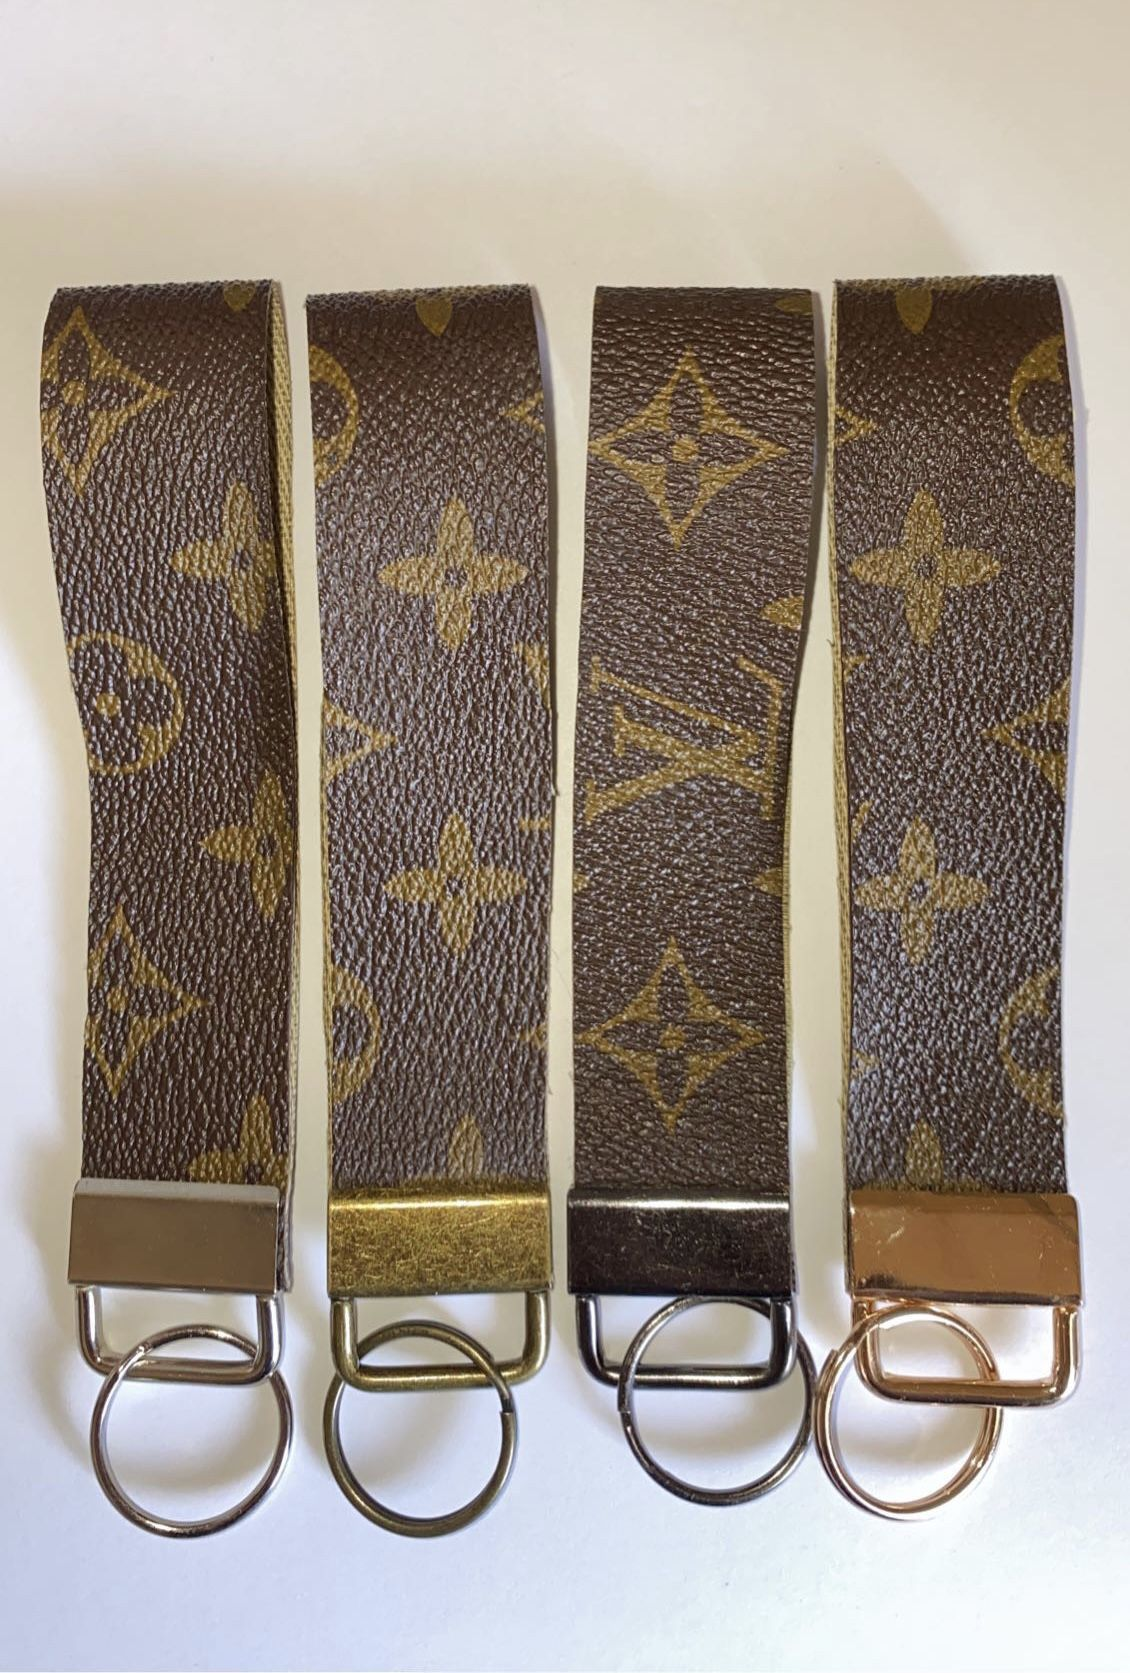 Louis Vuitton Keychains